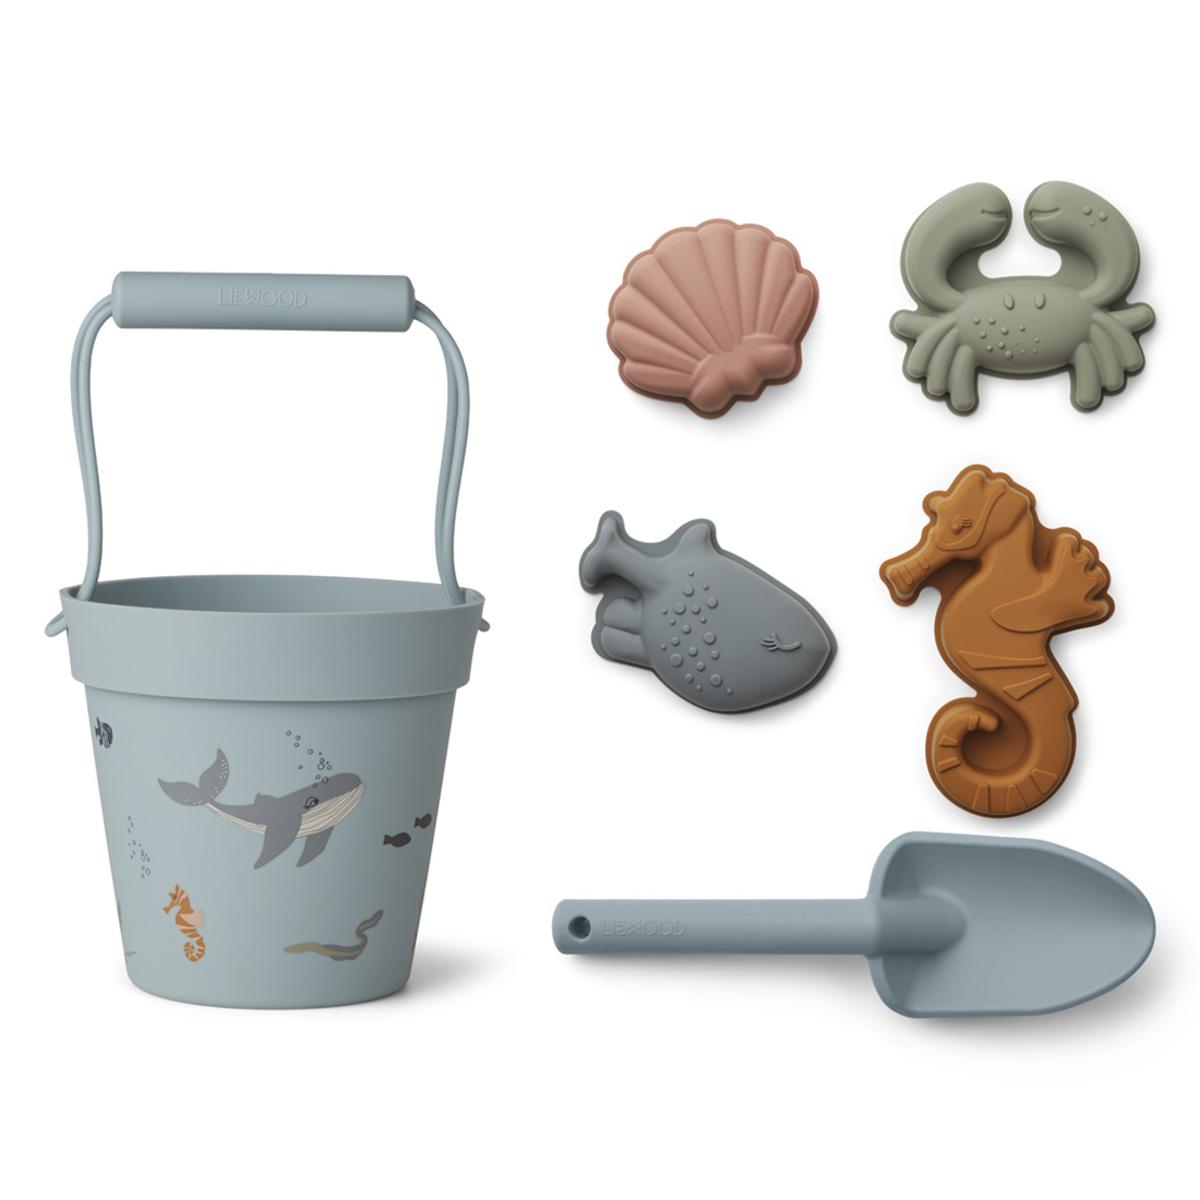 Mes premiers jouets Set de Plage Dante - Sea Creature Mix Liewood - AR202001210071